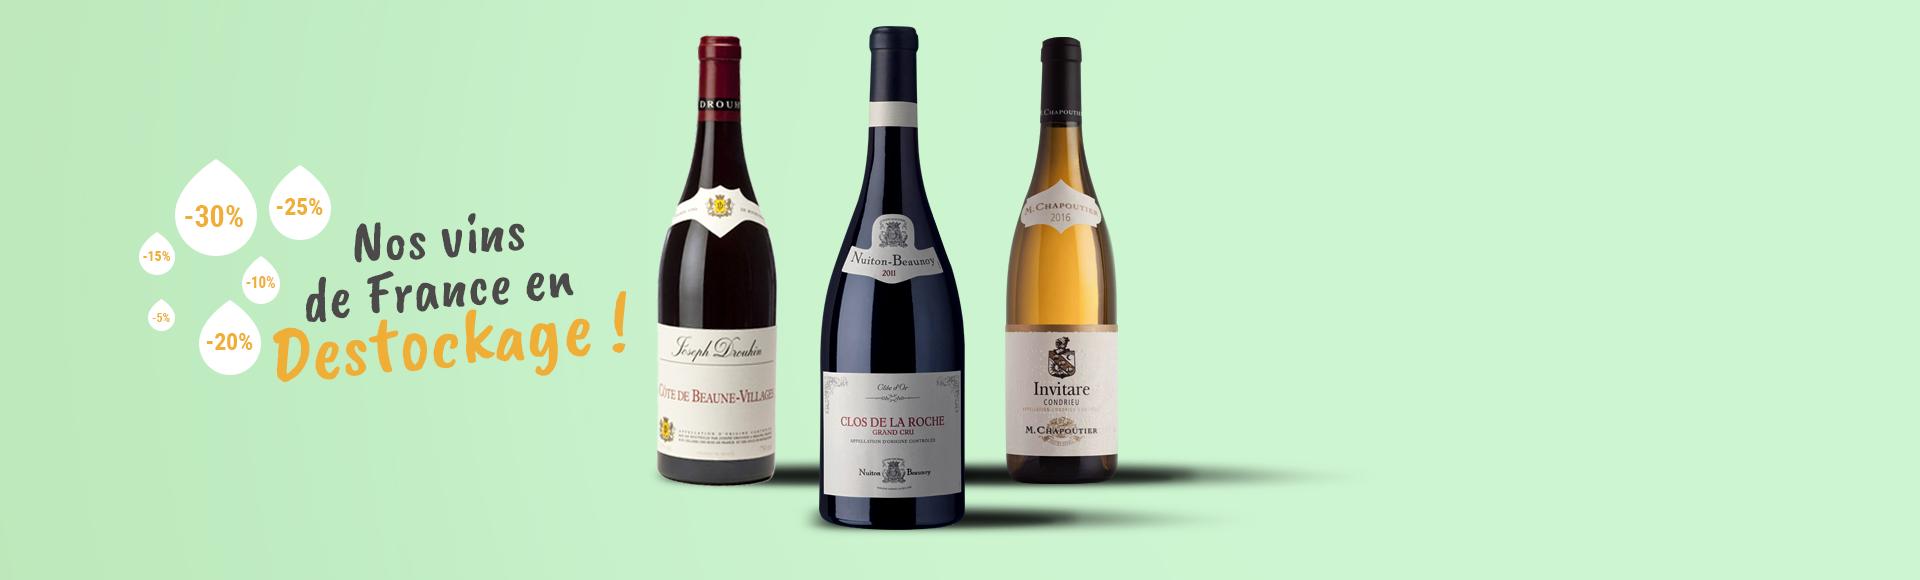 Meilleures affaires Vins de France